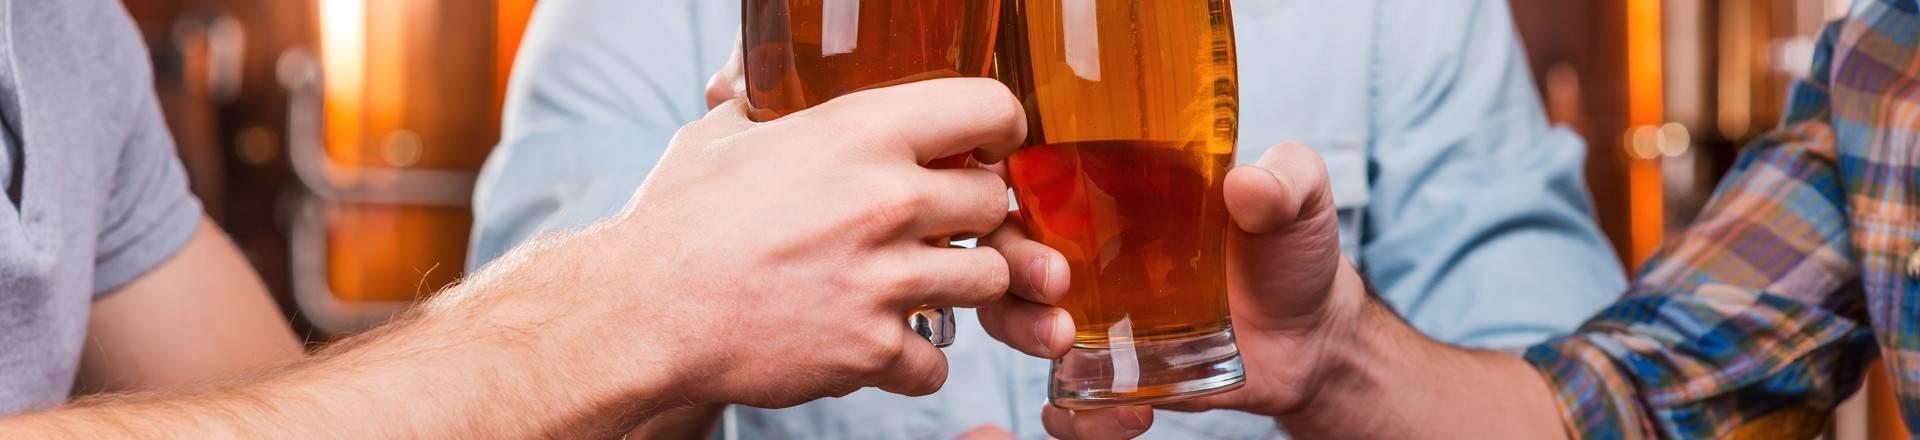 Влияние пива на мужскую потенцию